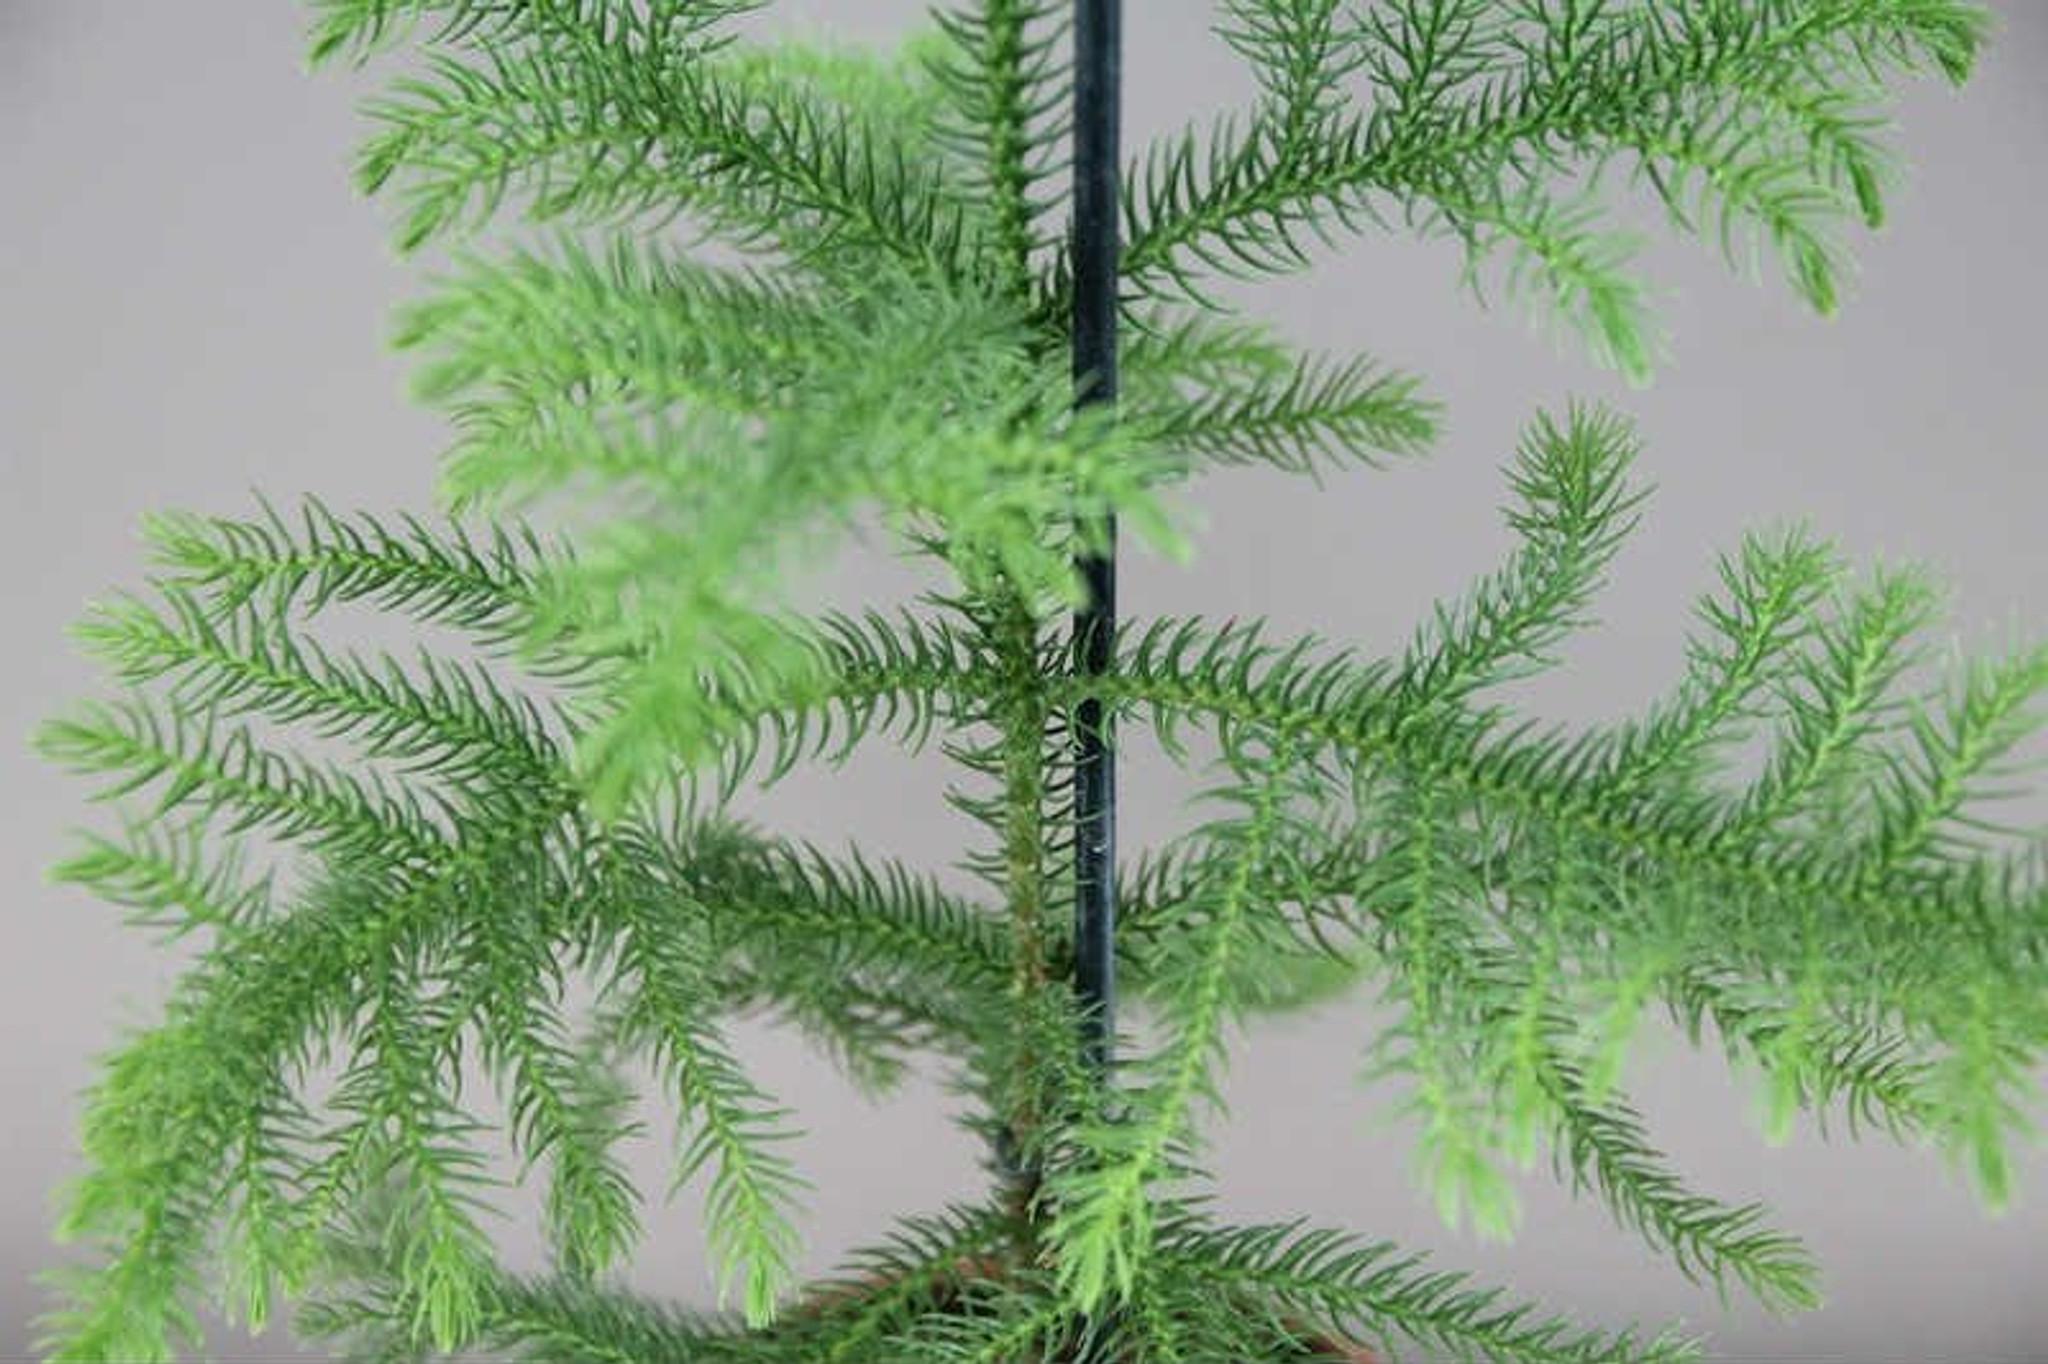 Araucaria heterophylla leaves